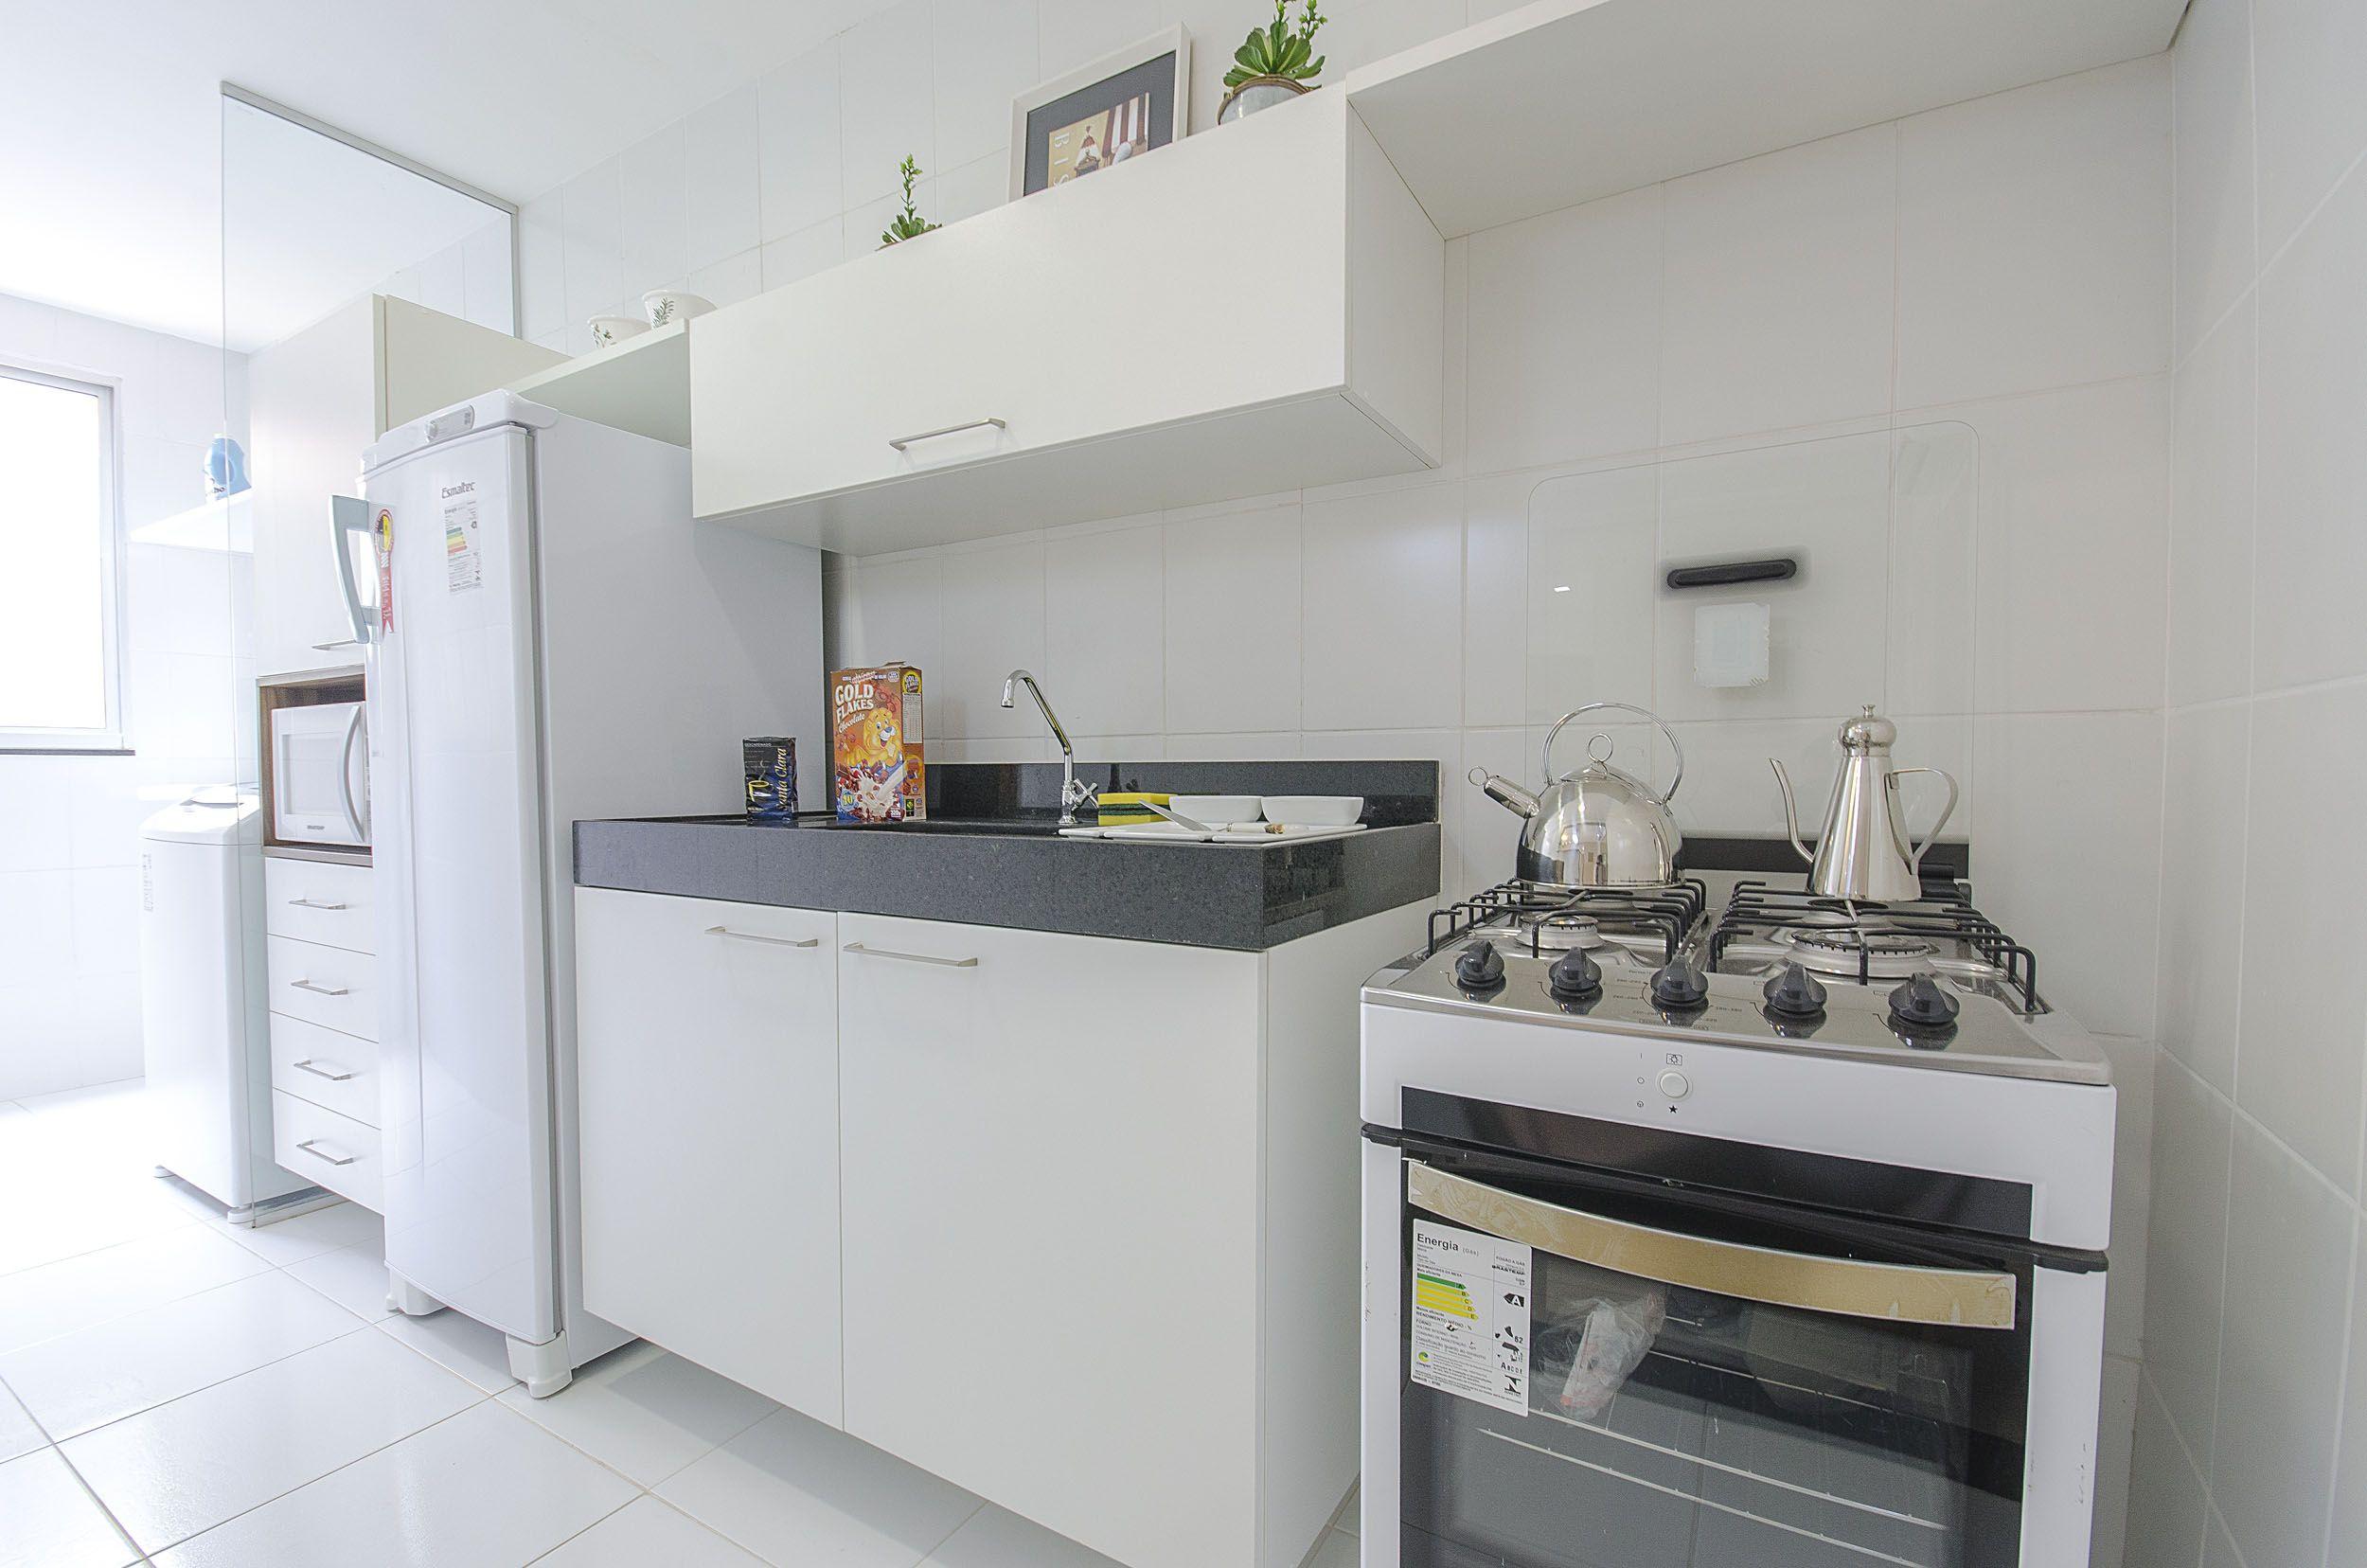 Mesmo com uma decoração simples a cozinha conta com um funcionamento prático.